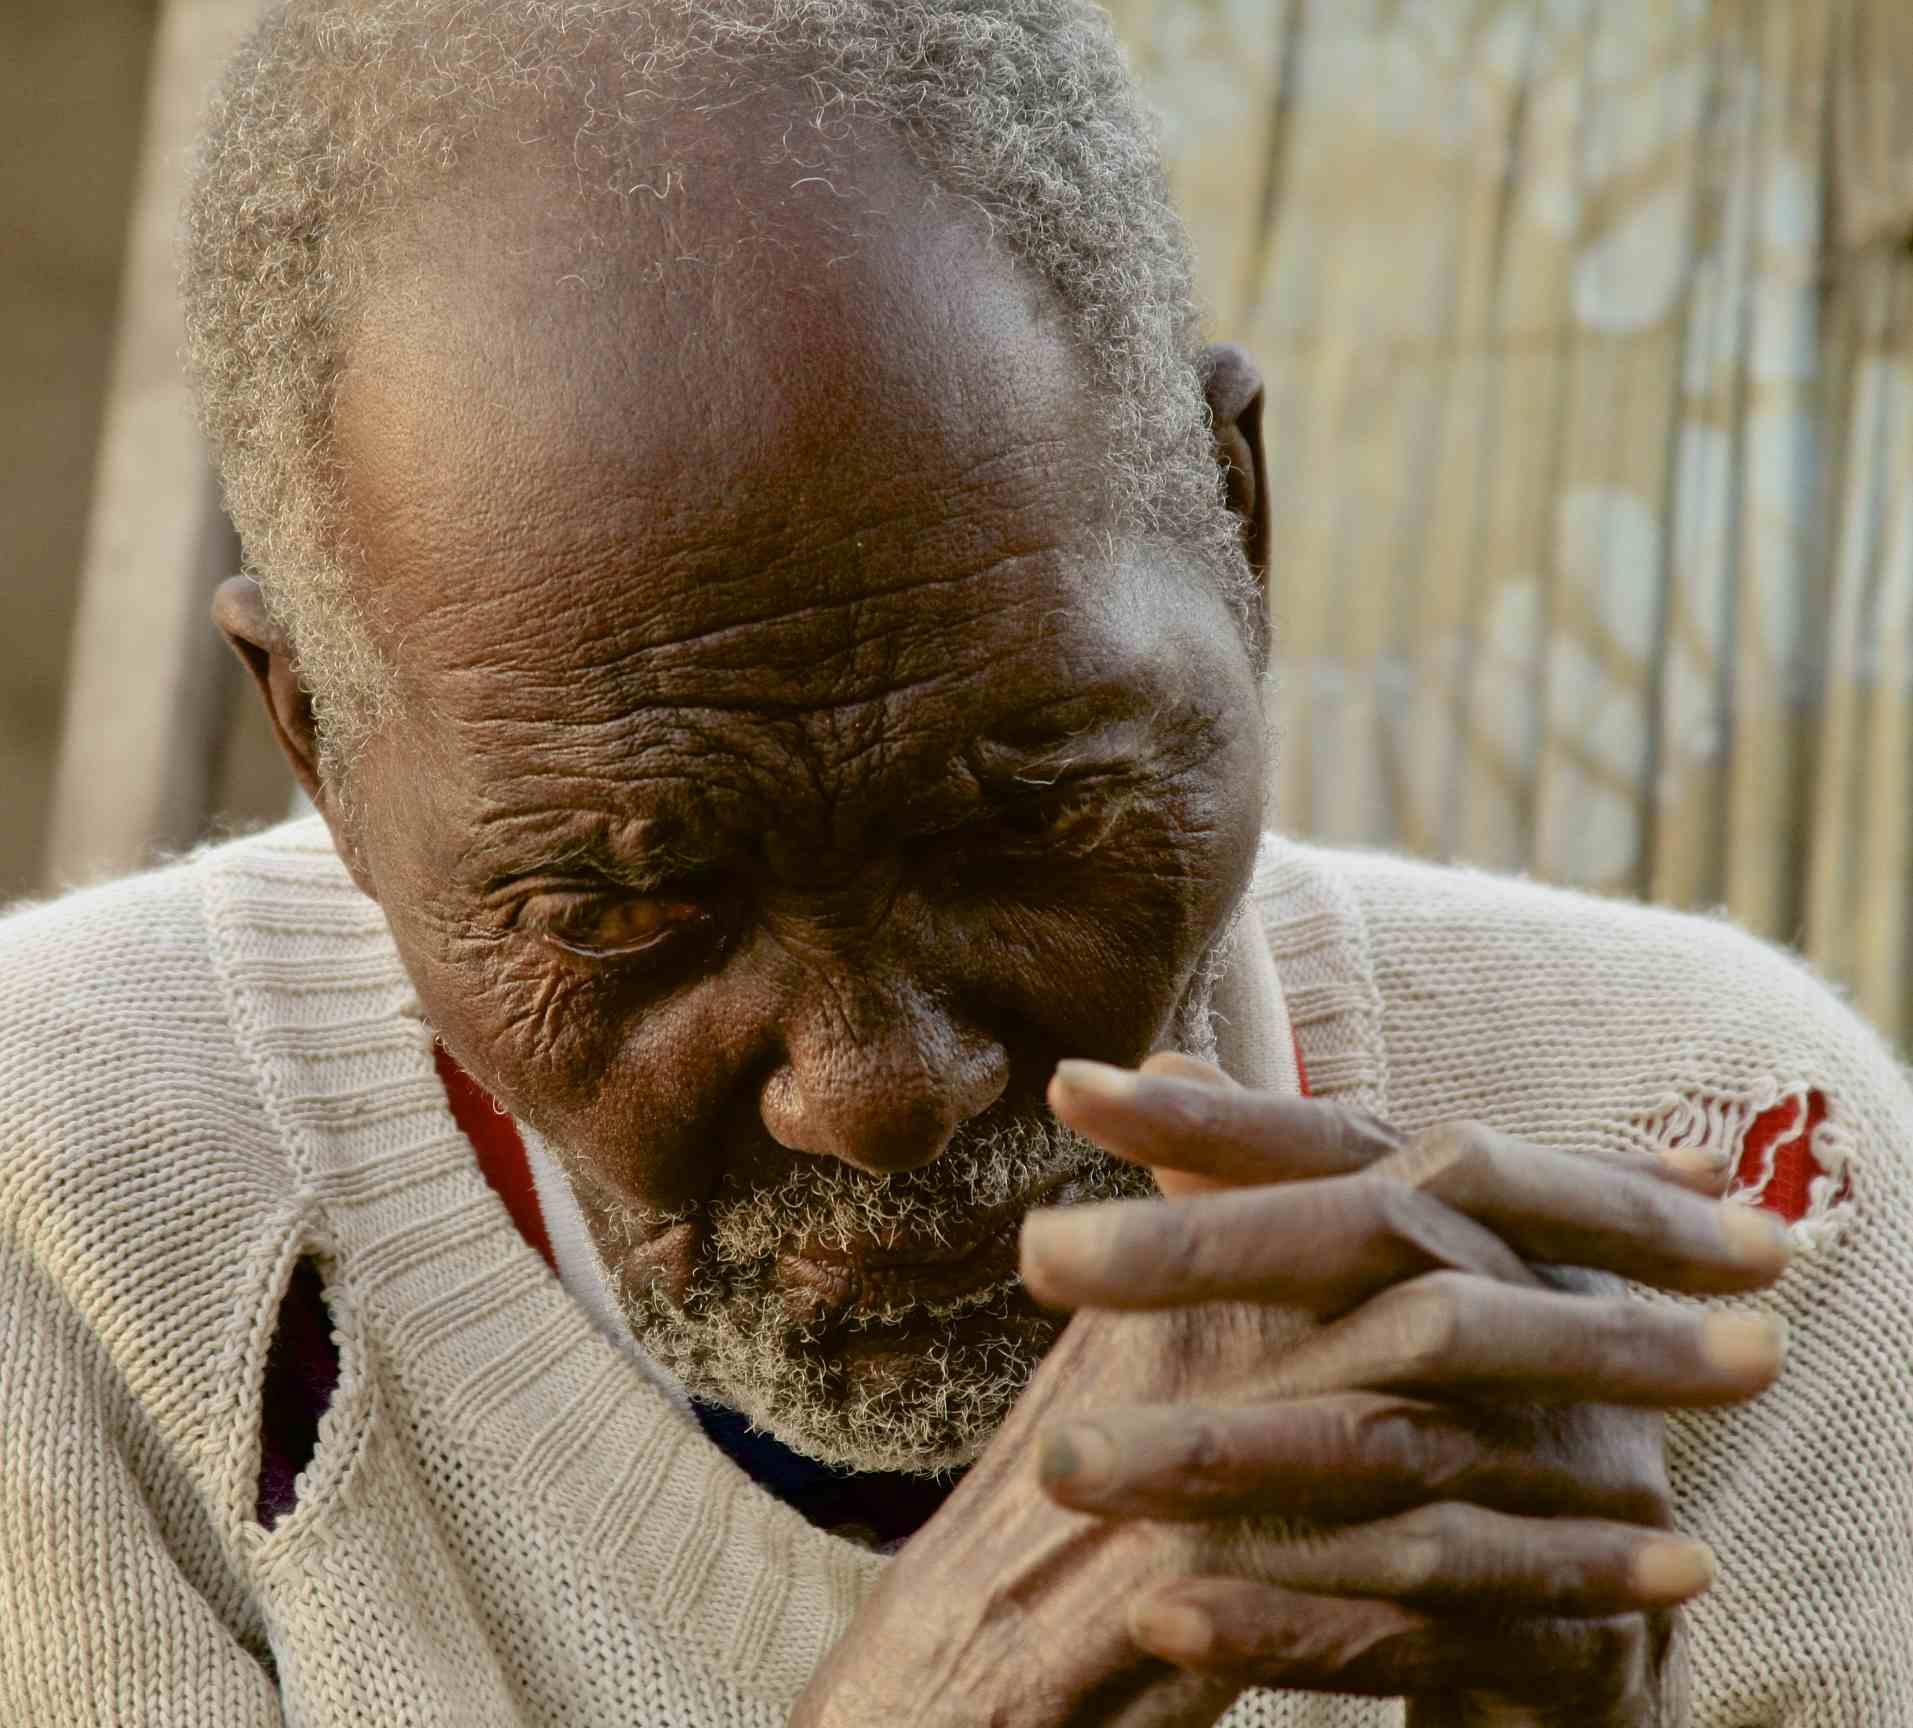 100 year old Tongwe elder